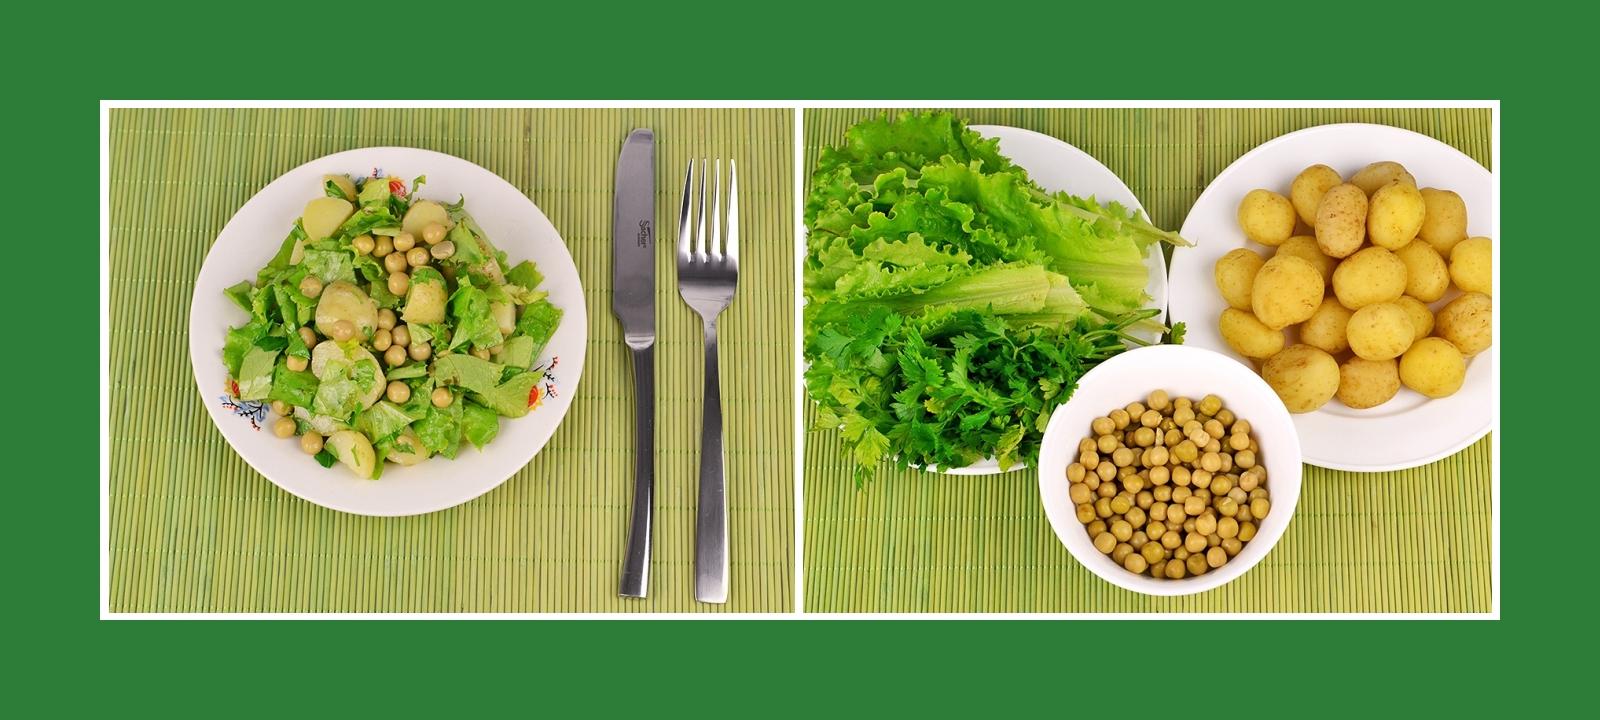 Salat oder Grillbeilage aus Kartoffeln, Gartensalat, Petersilie und Erbsen